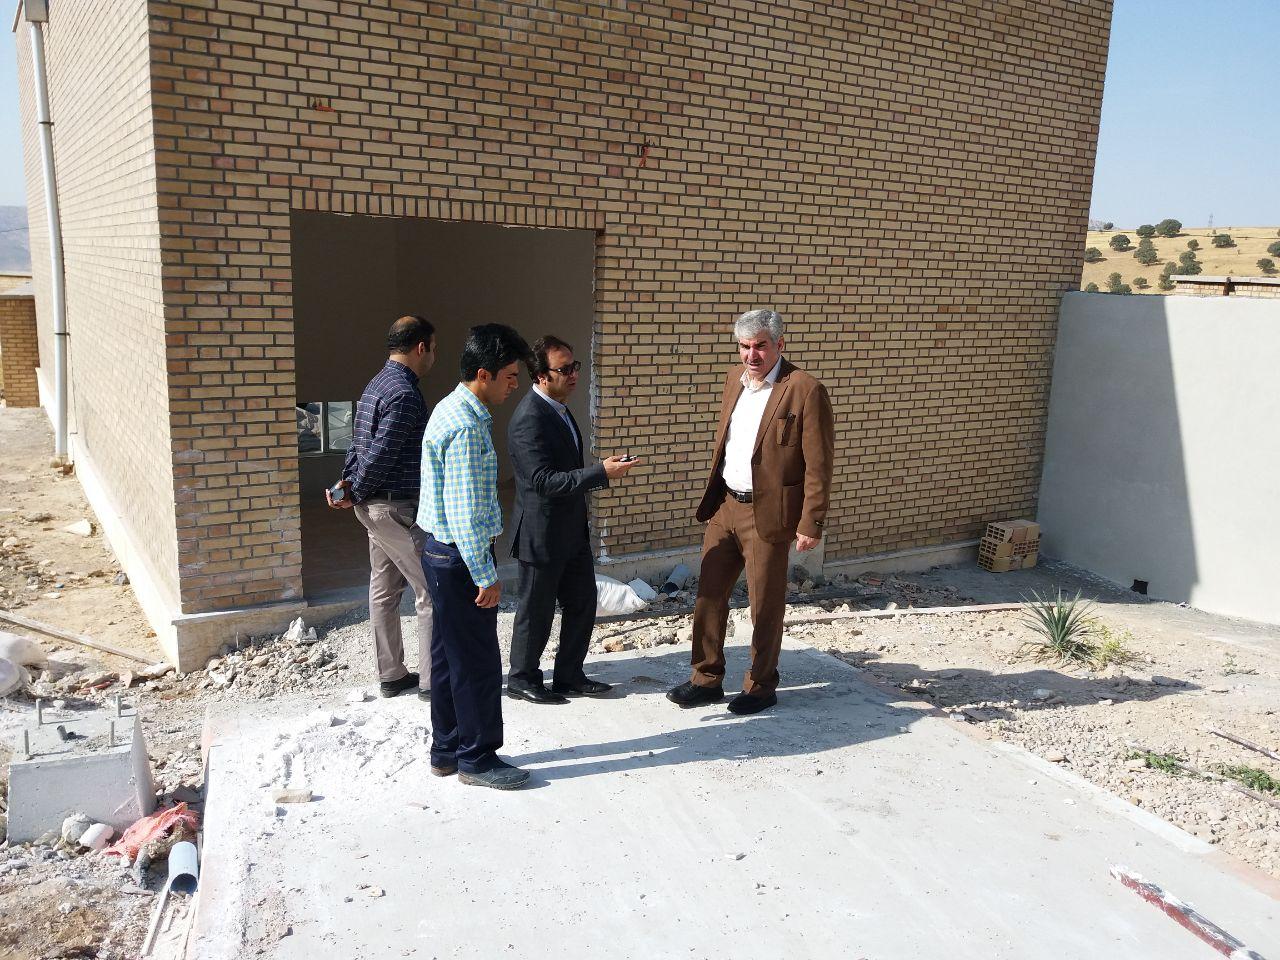 دومين بازديد رئيس دانشگاه از روند بهسازي و نوسازي سراهاي دانشجويي